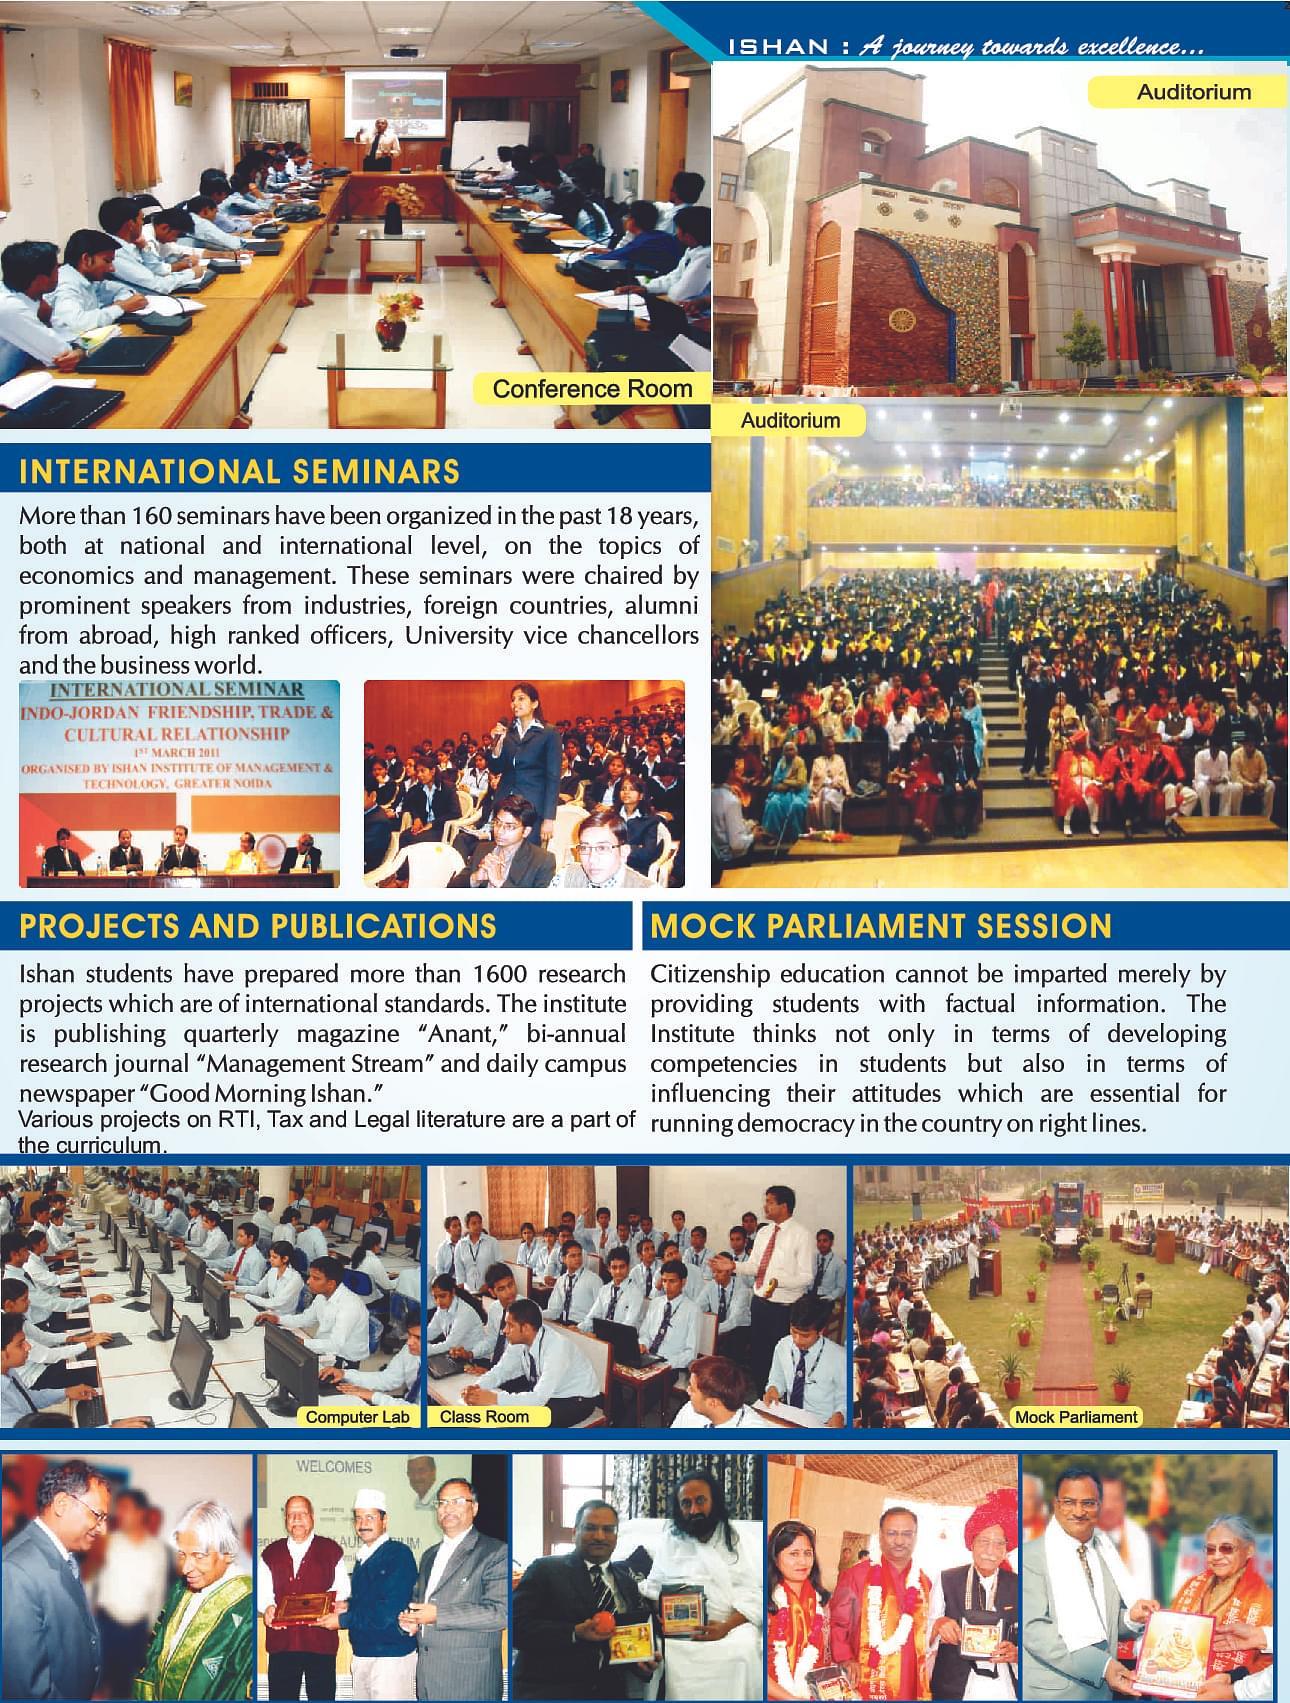 Ishan International Public School